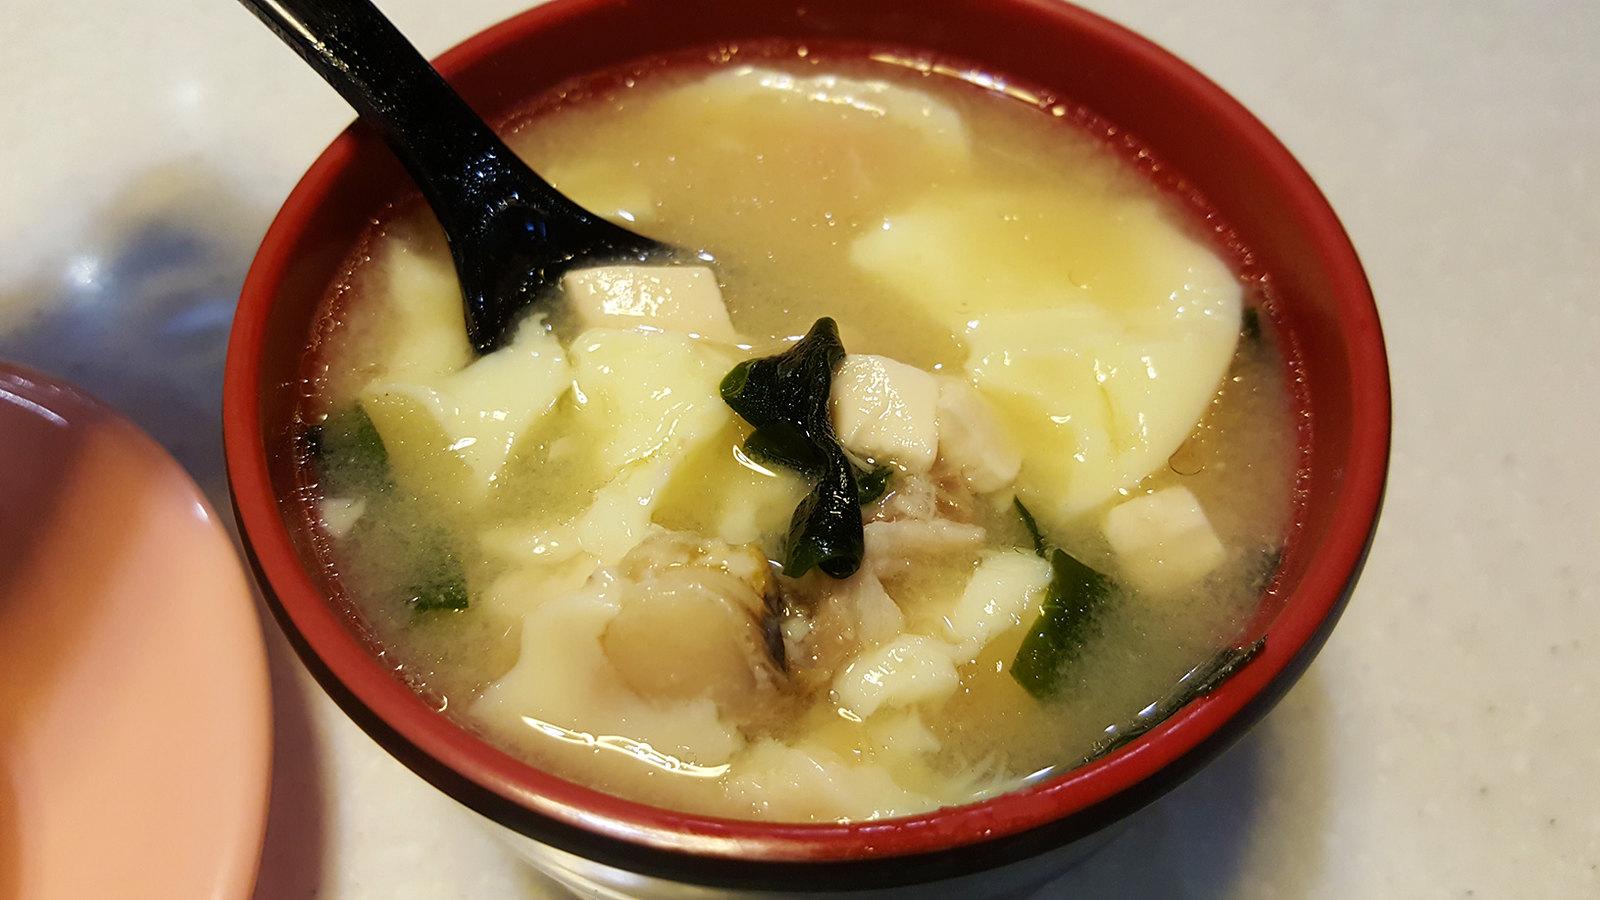 爭鮮 茶碗蒸加上味噌湯